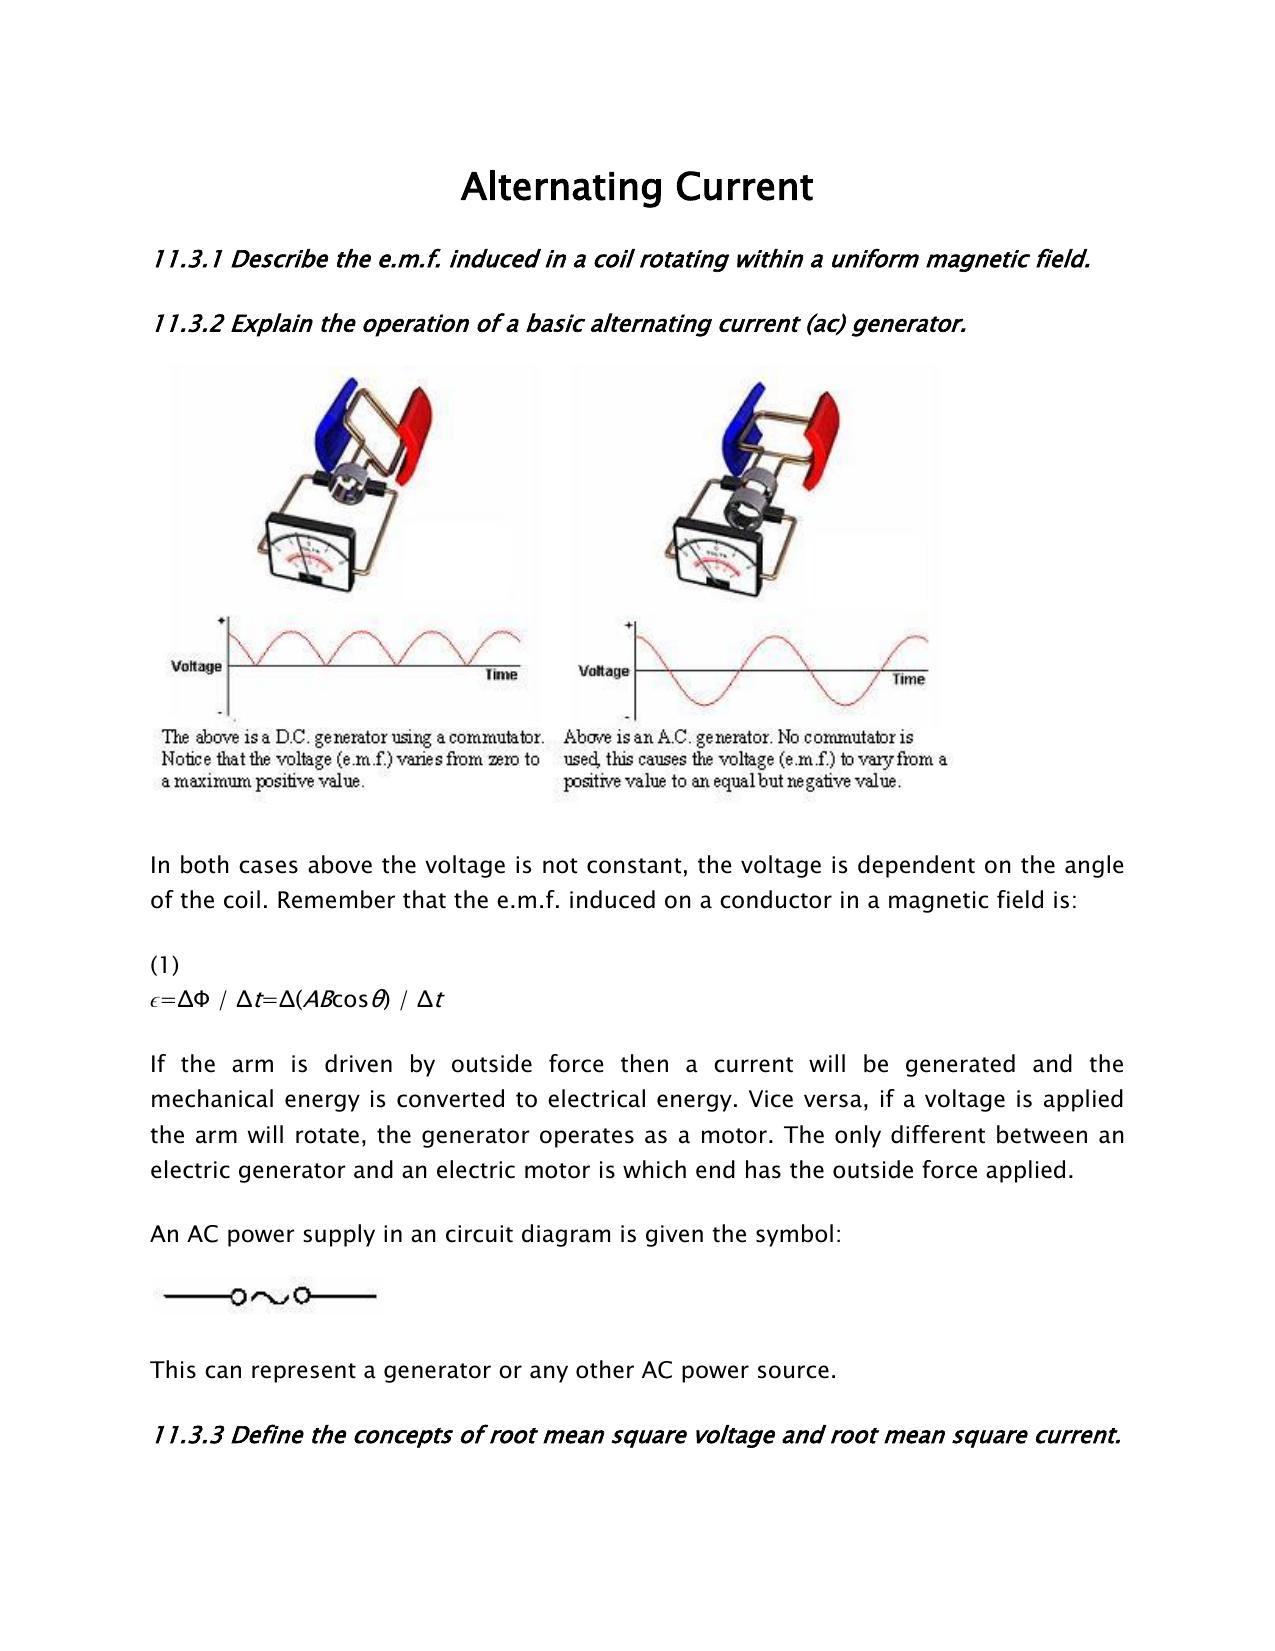 Alternating Current Ac Diagram 018805927 1 1e8ad57f00aad525400f175704e213ea